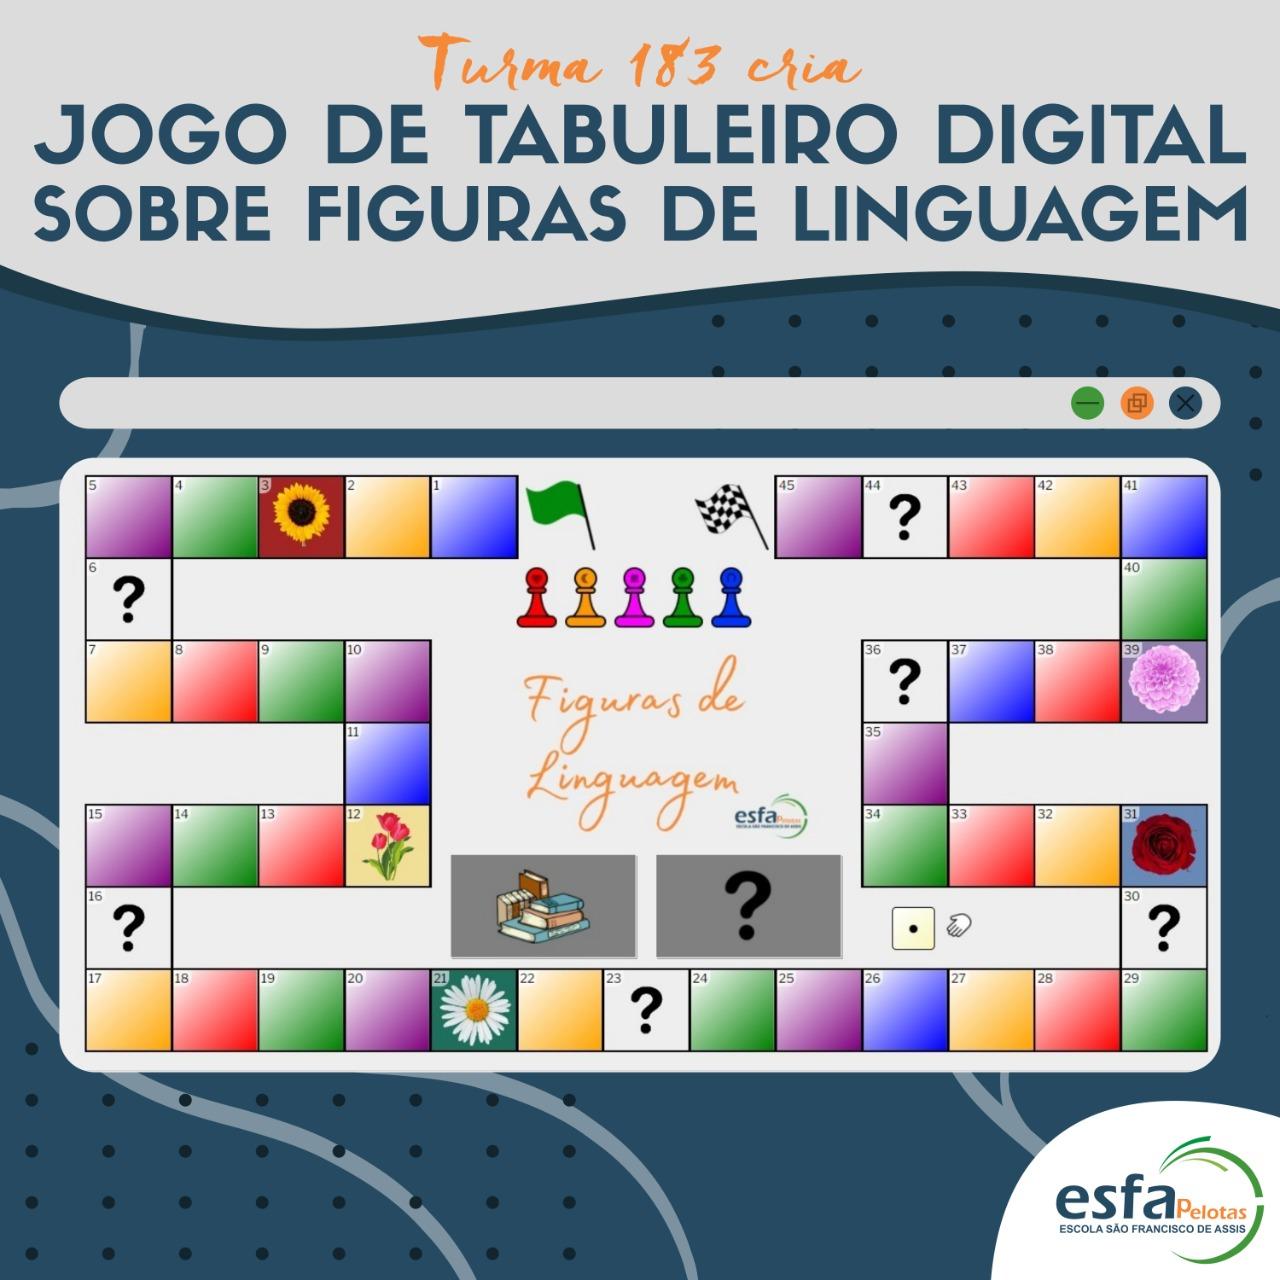 Turma 183 desenvolve jogo de tabuleiro digital para estudar figuras de linguagem